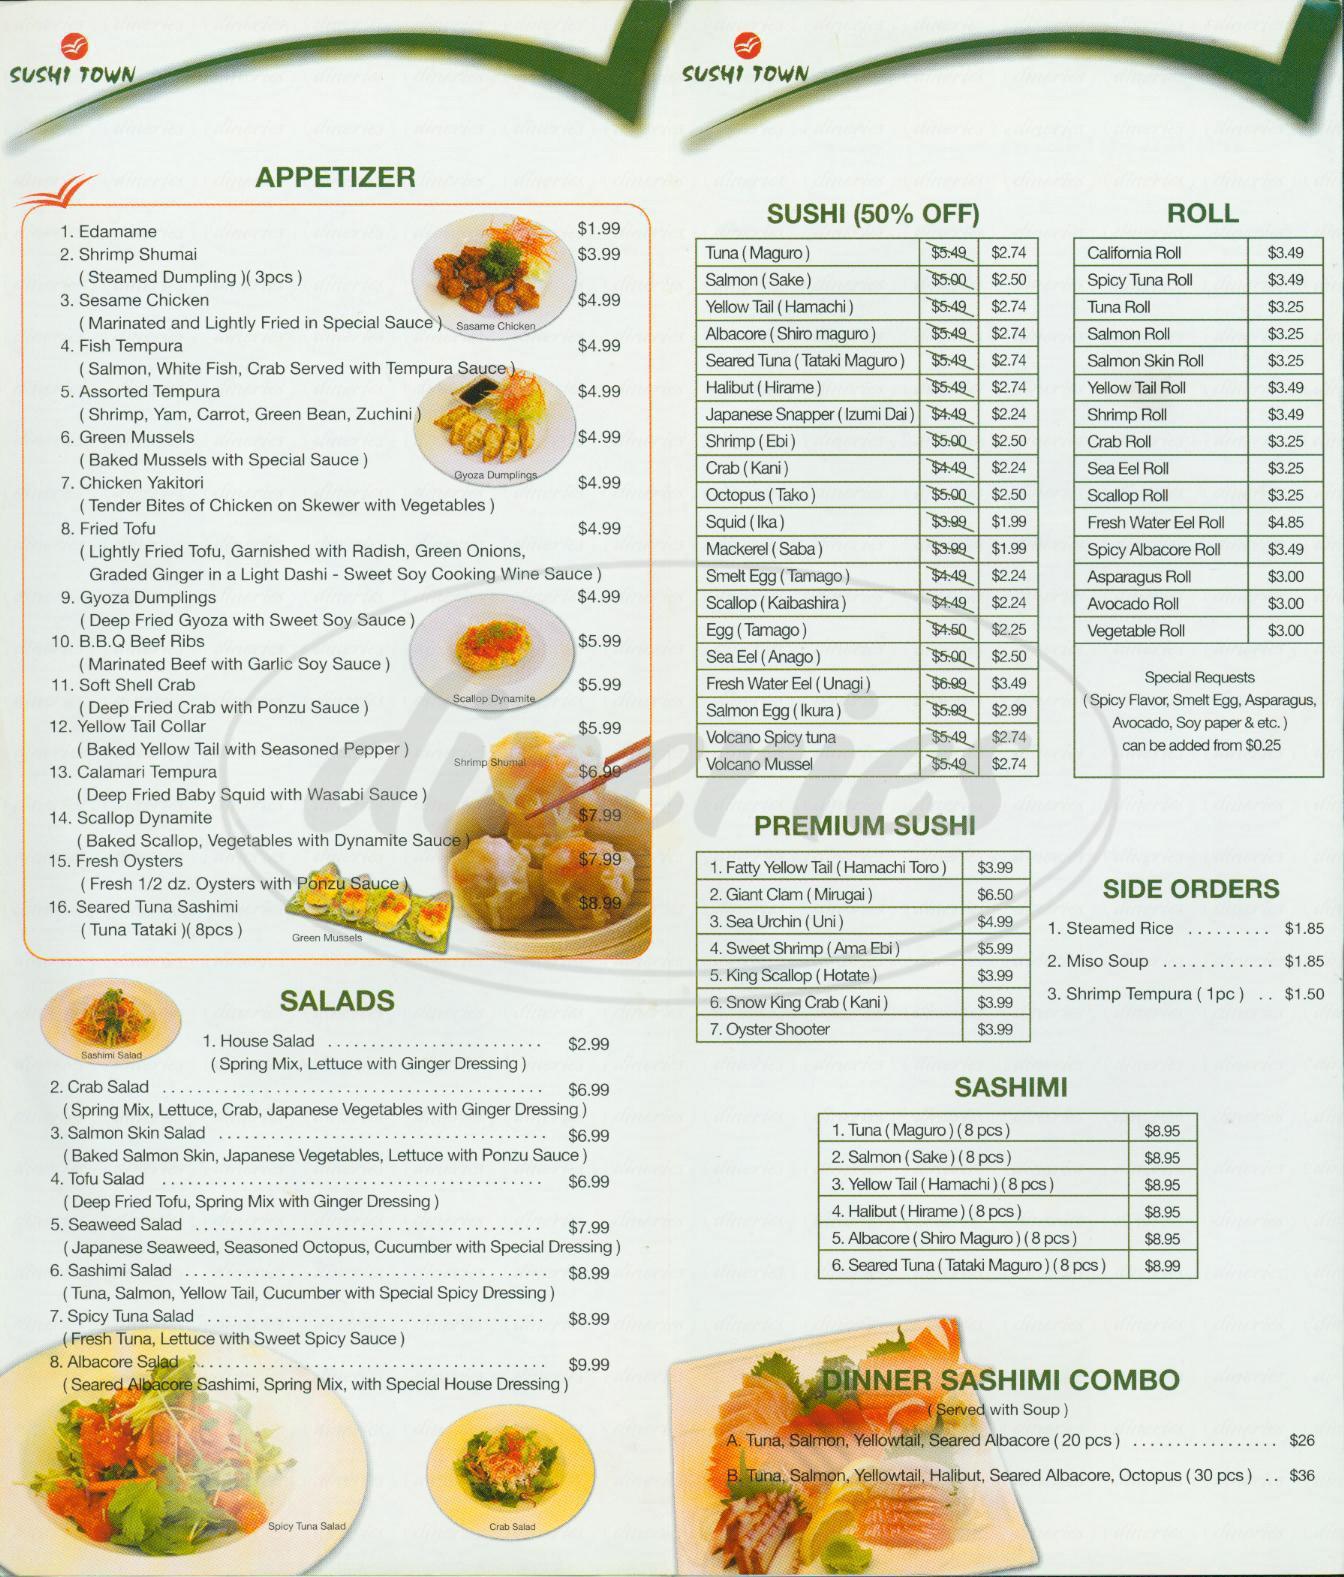 menu for Sushi Town